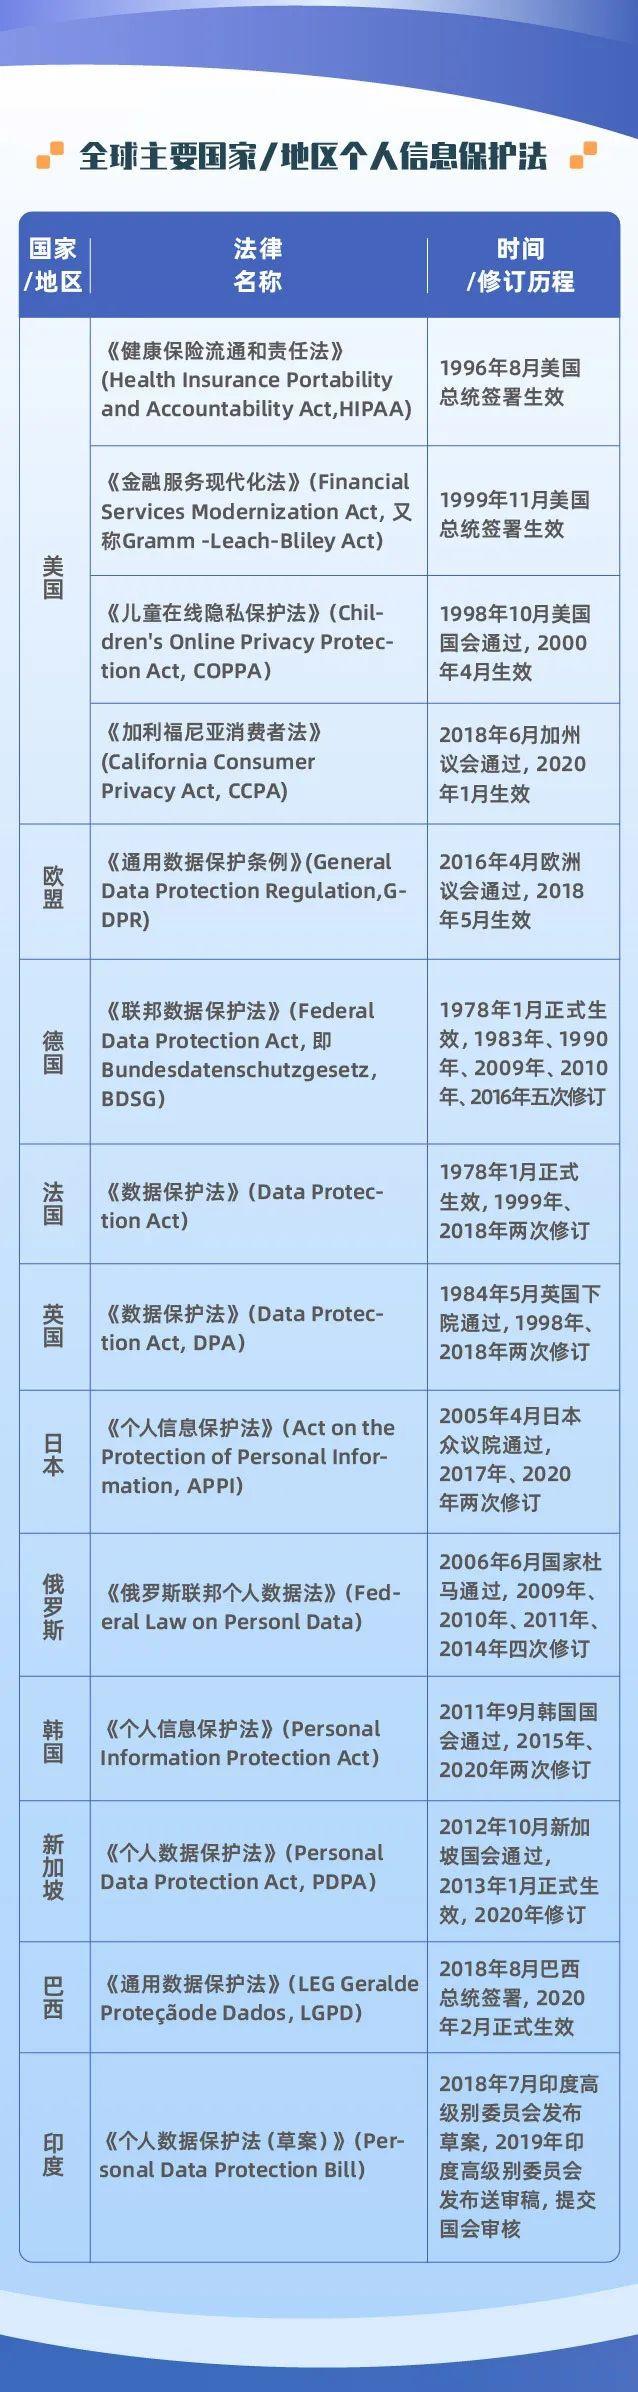 一图读懂《个人信息保护法 (草案) 》十大亮点